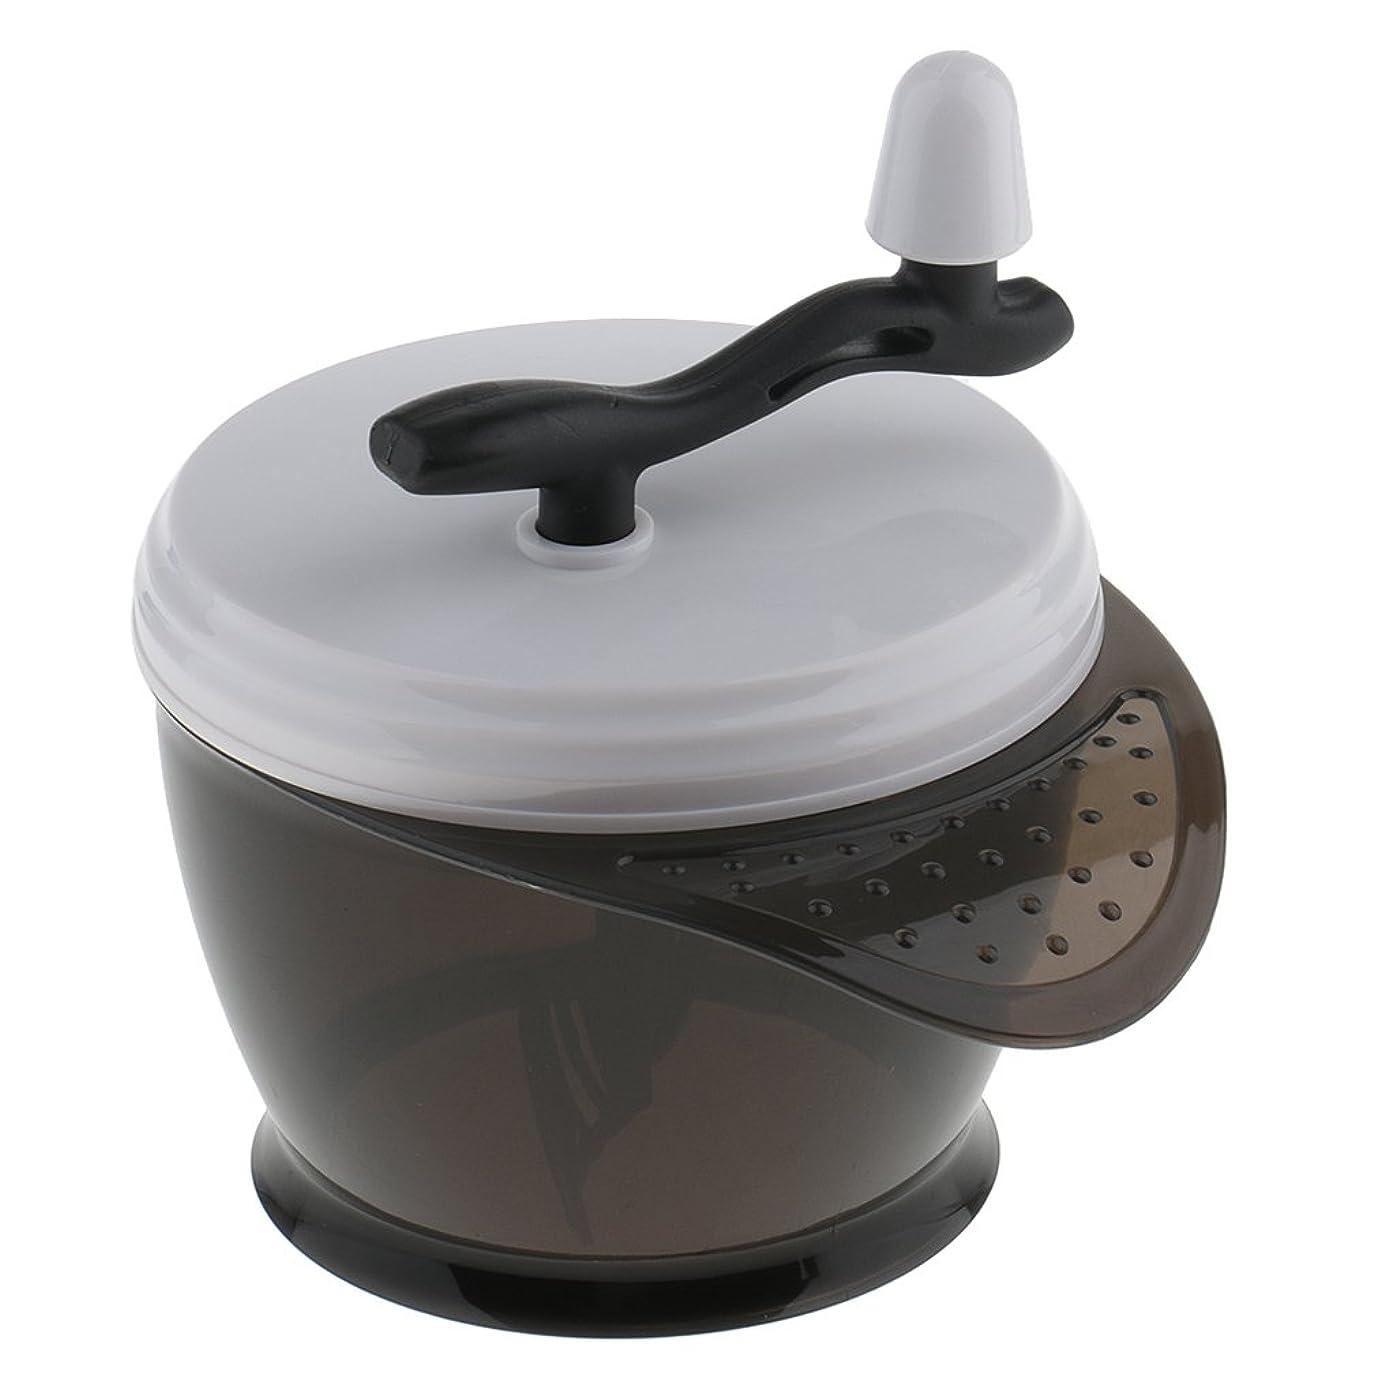 アパート一致する認めるKesoto プラスチック製 ヘア 染色 ボウル ミックス ヘアカラー用 半自動 ミキサー ボウル カバー付き 便利 耐久性